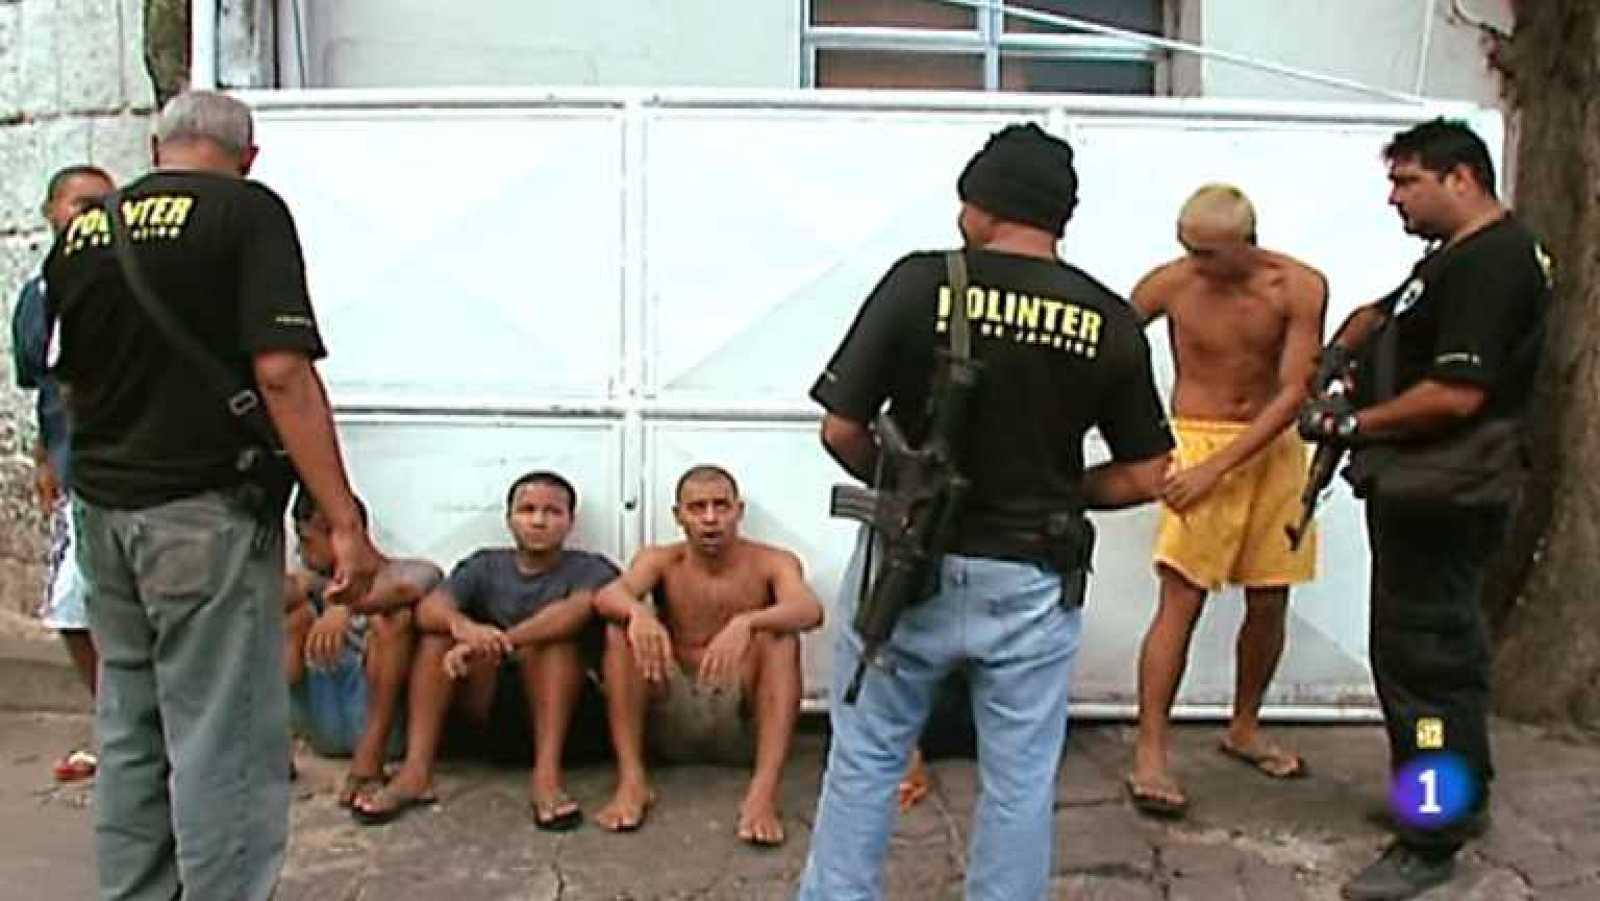 En Portada - Guerra y paz en la favela olímpica - Ver ahora